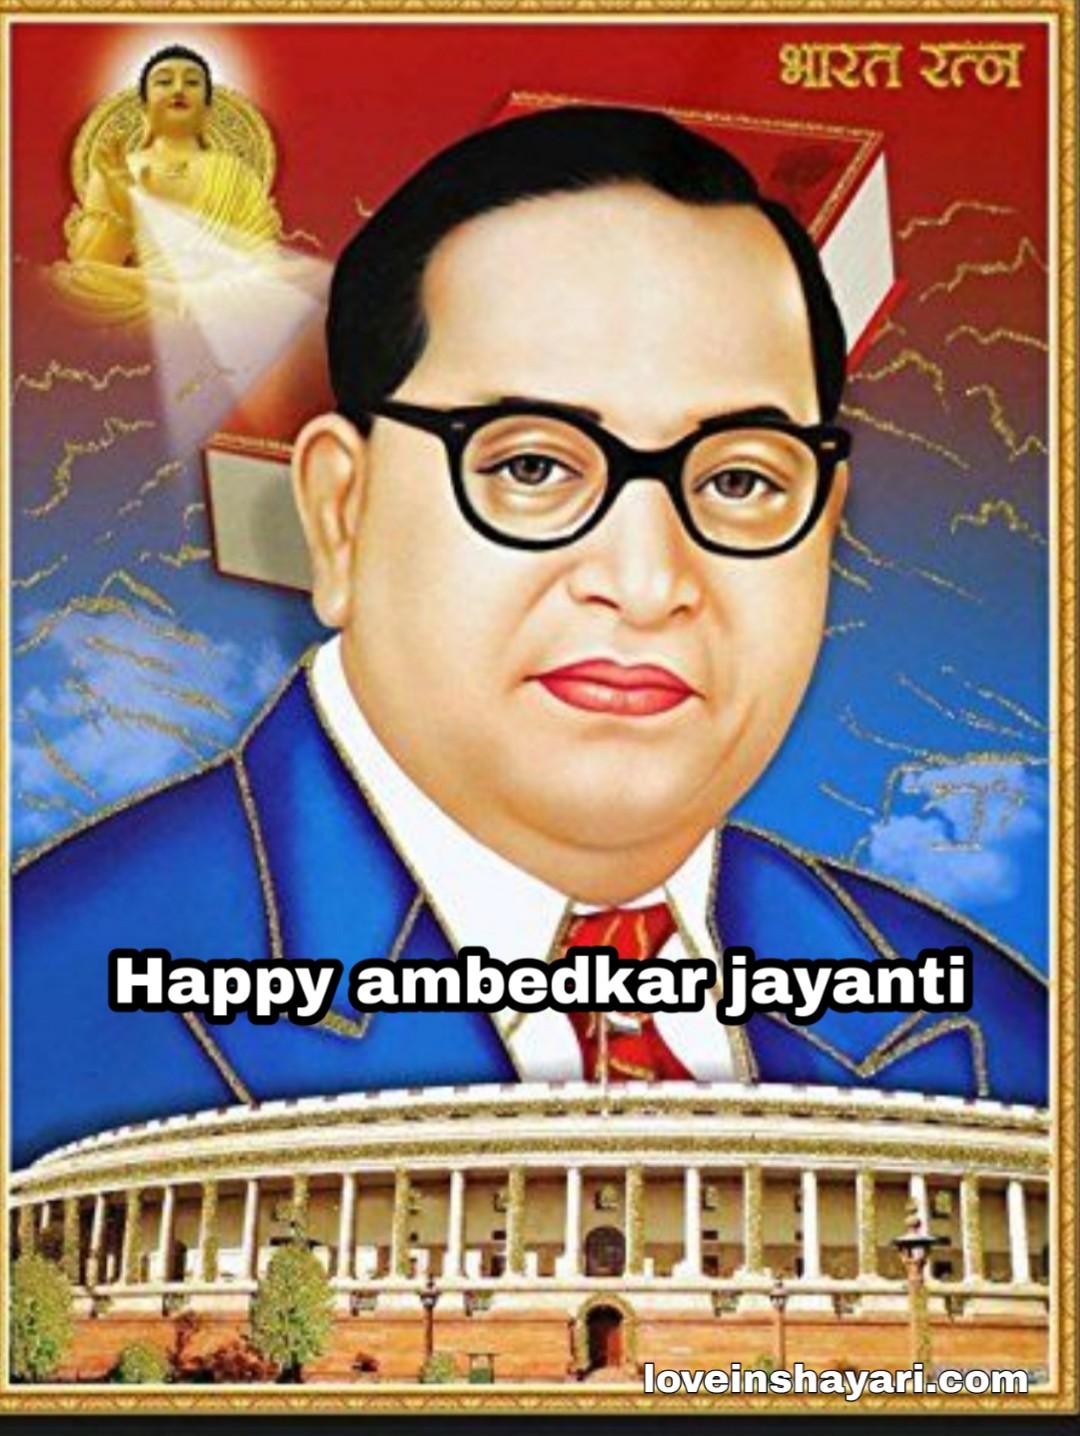 Ambedkar jayanti Images